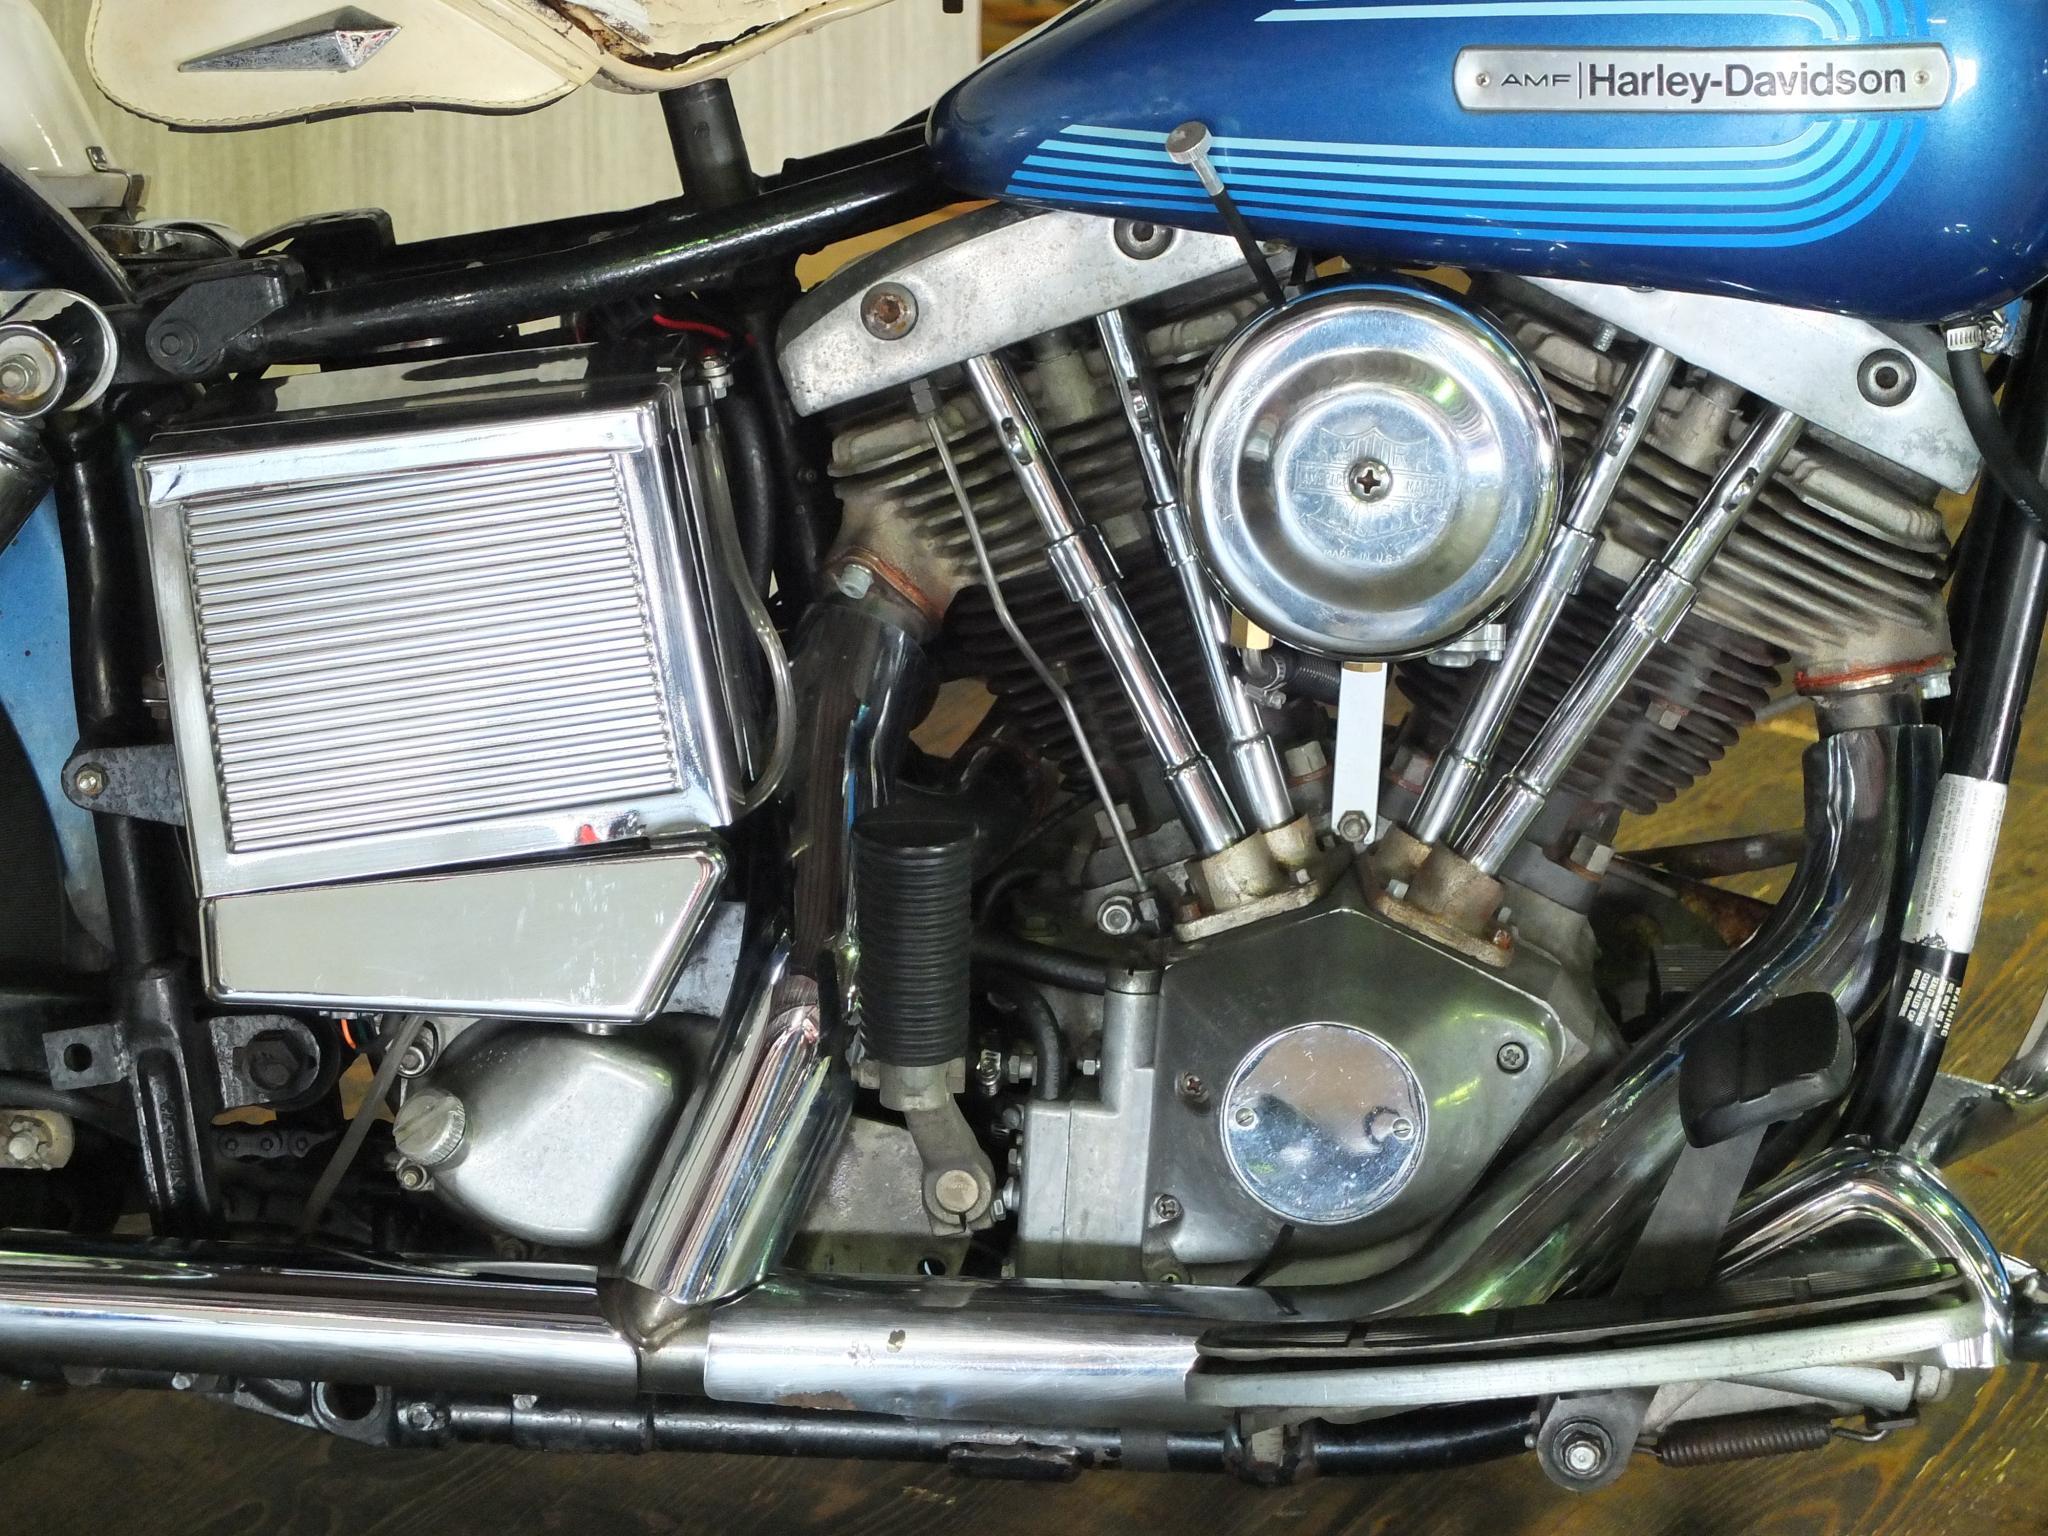 ハーレーダビッドソン 1976 FLH 1200 車体写真7